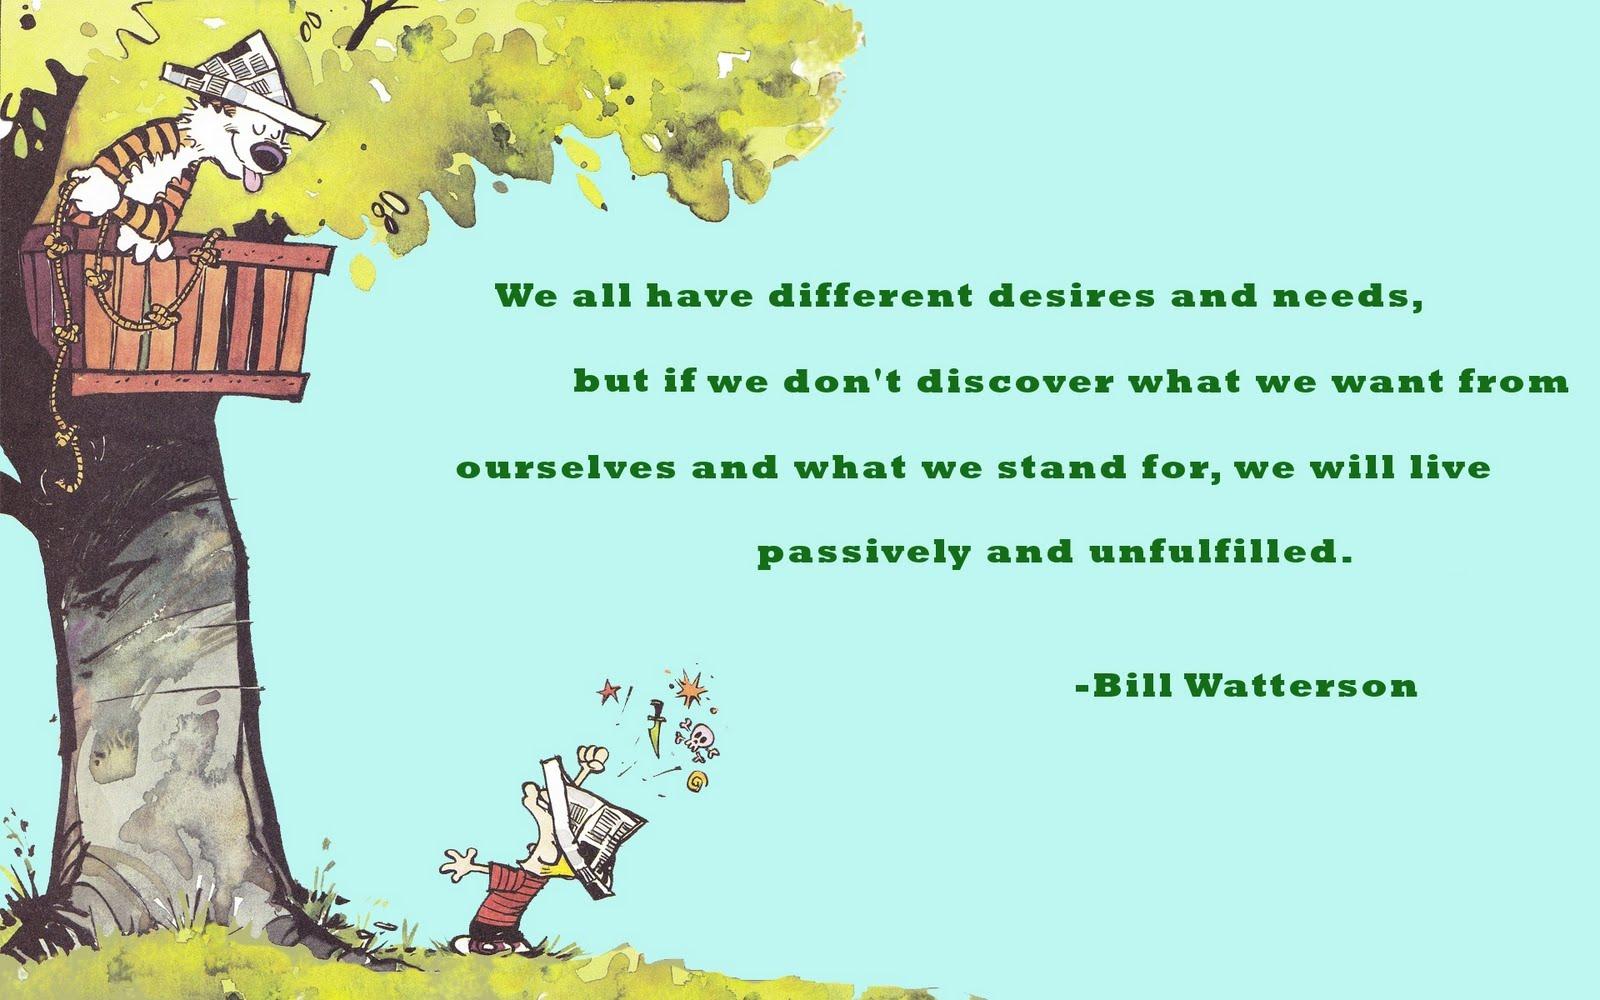 Bill Watterson's quote #6